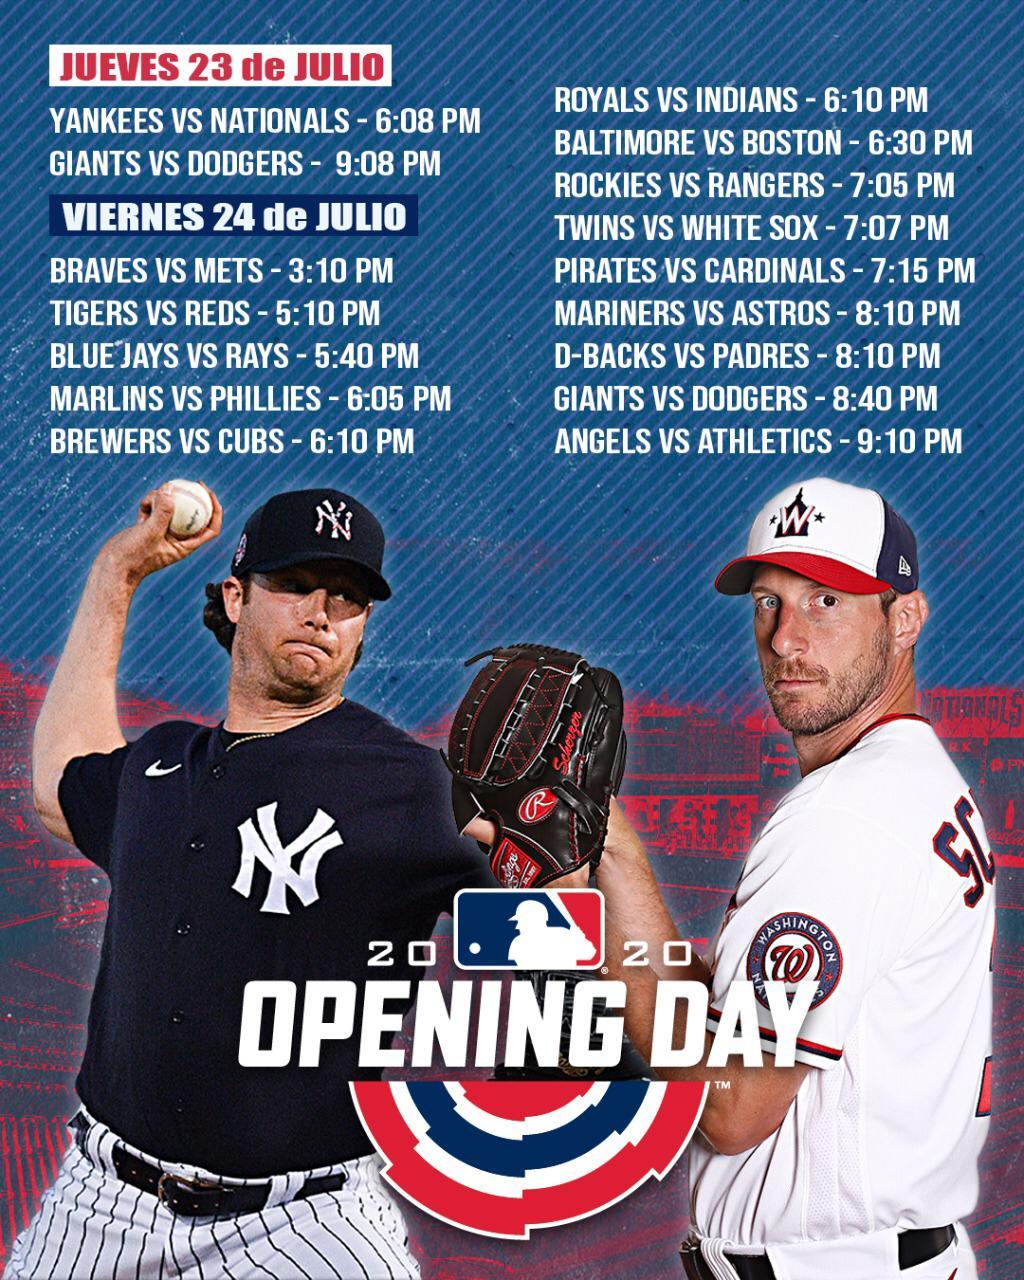 Apunten y aparten: Estas son las fechas y horarios del regreso de la MLB